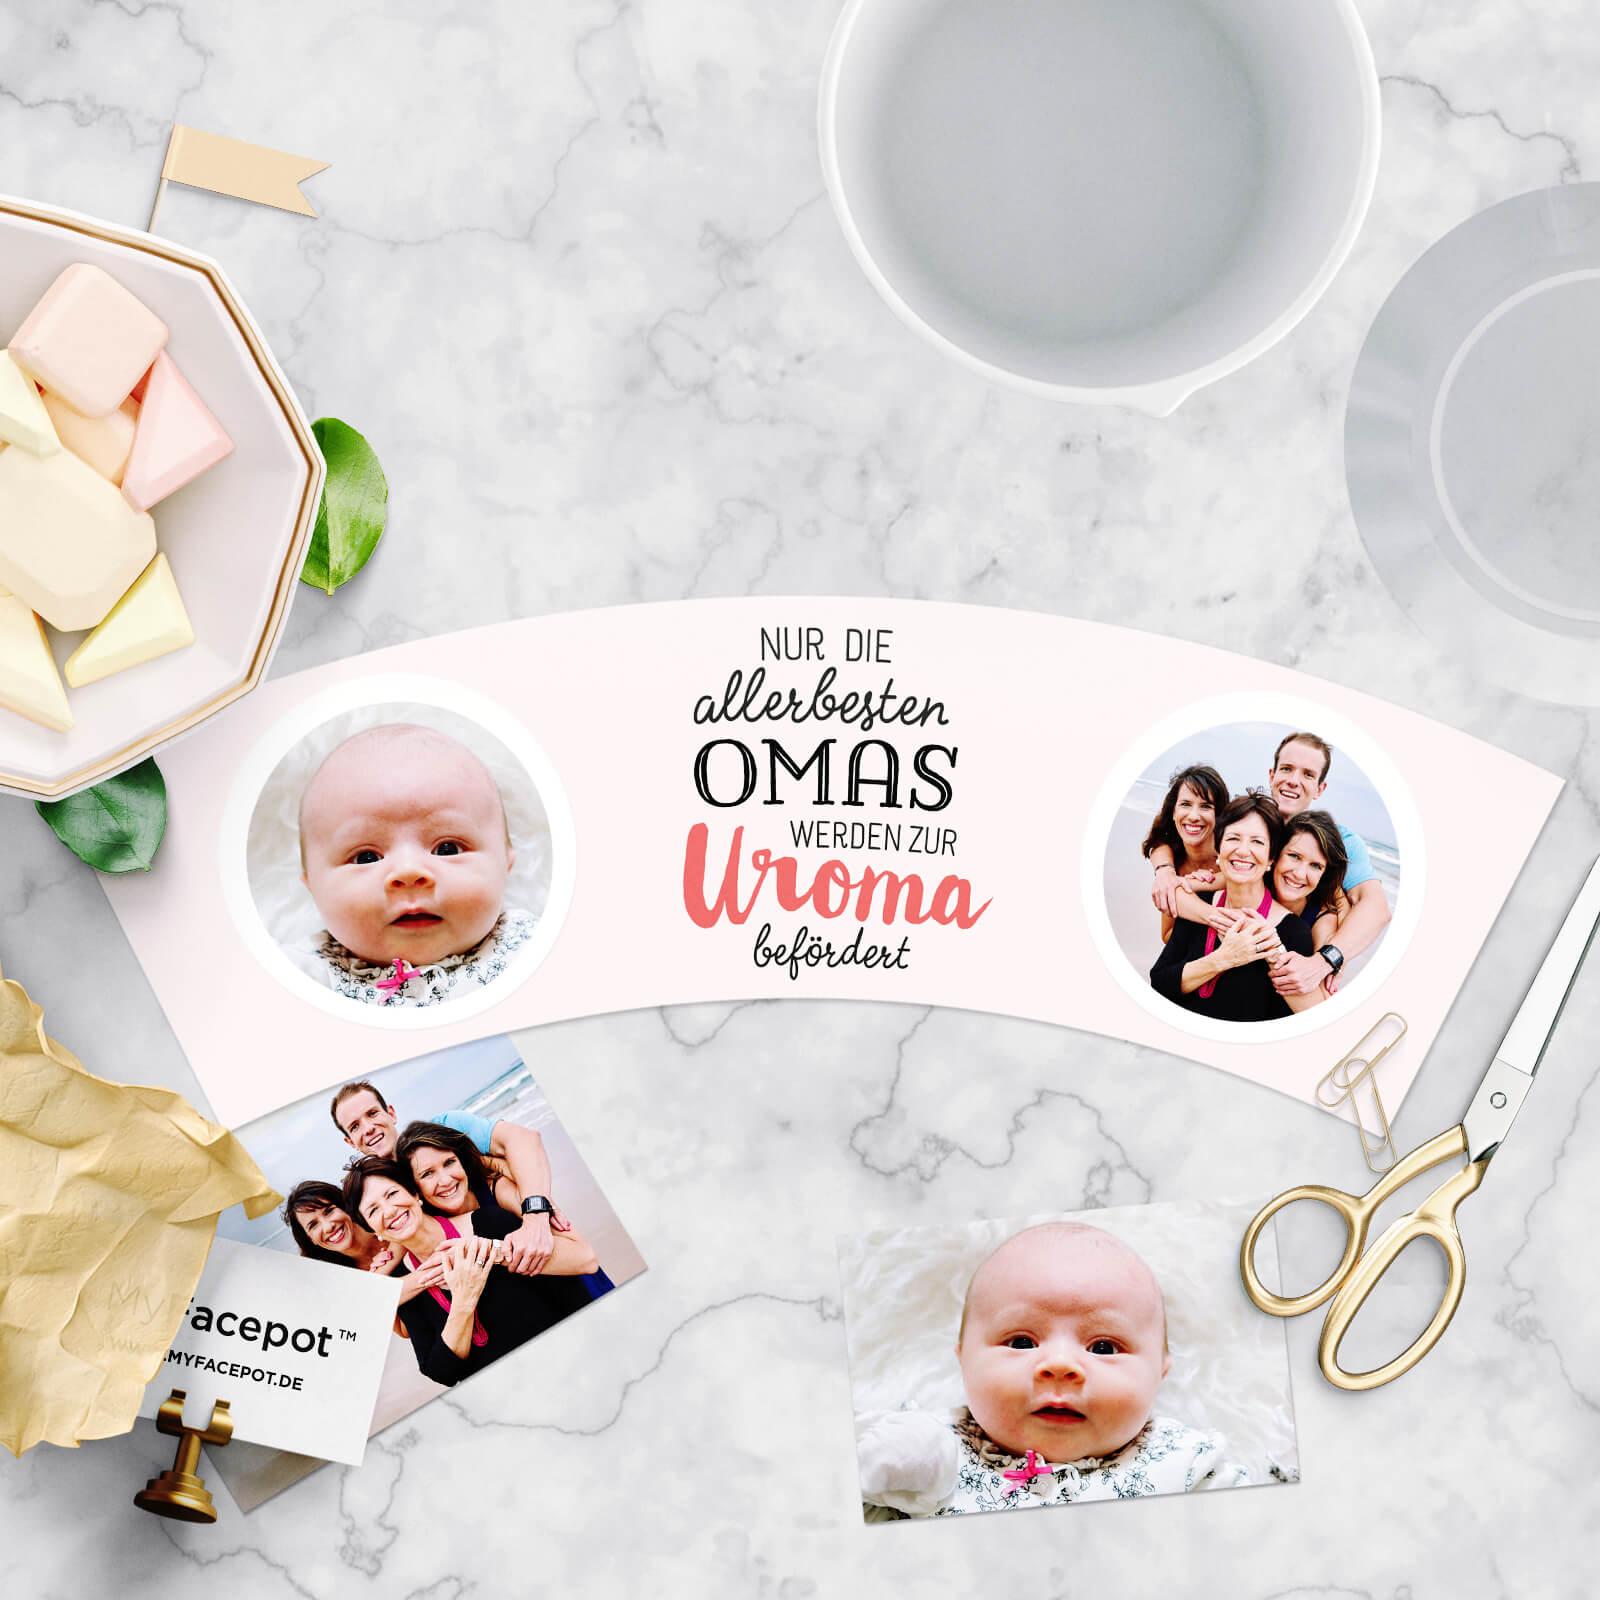 Geschenk zur Geburt Uroma Befördert